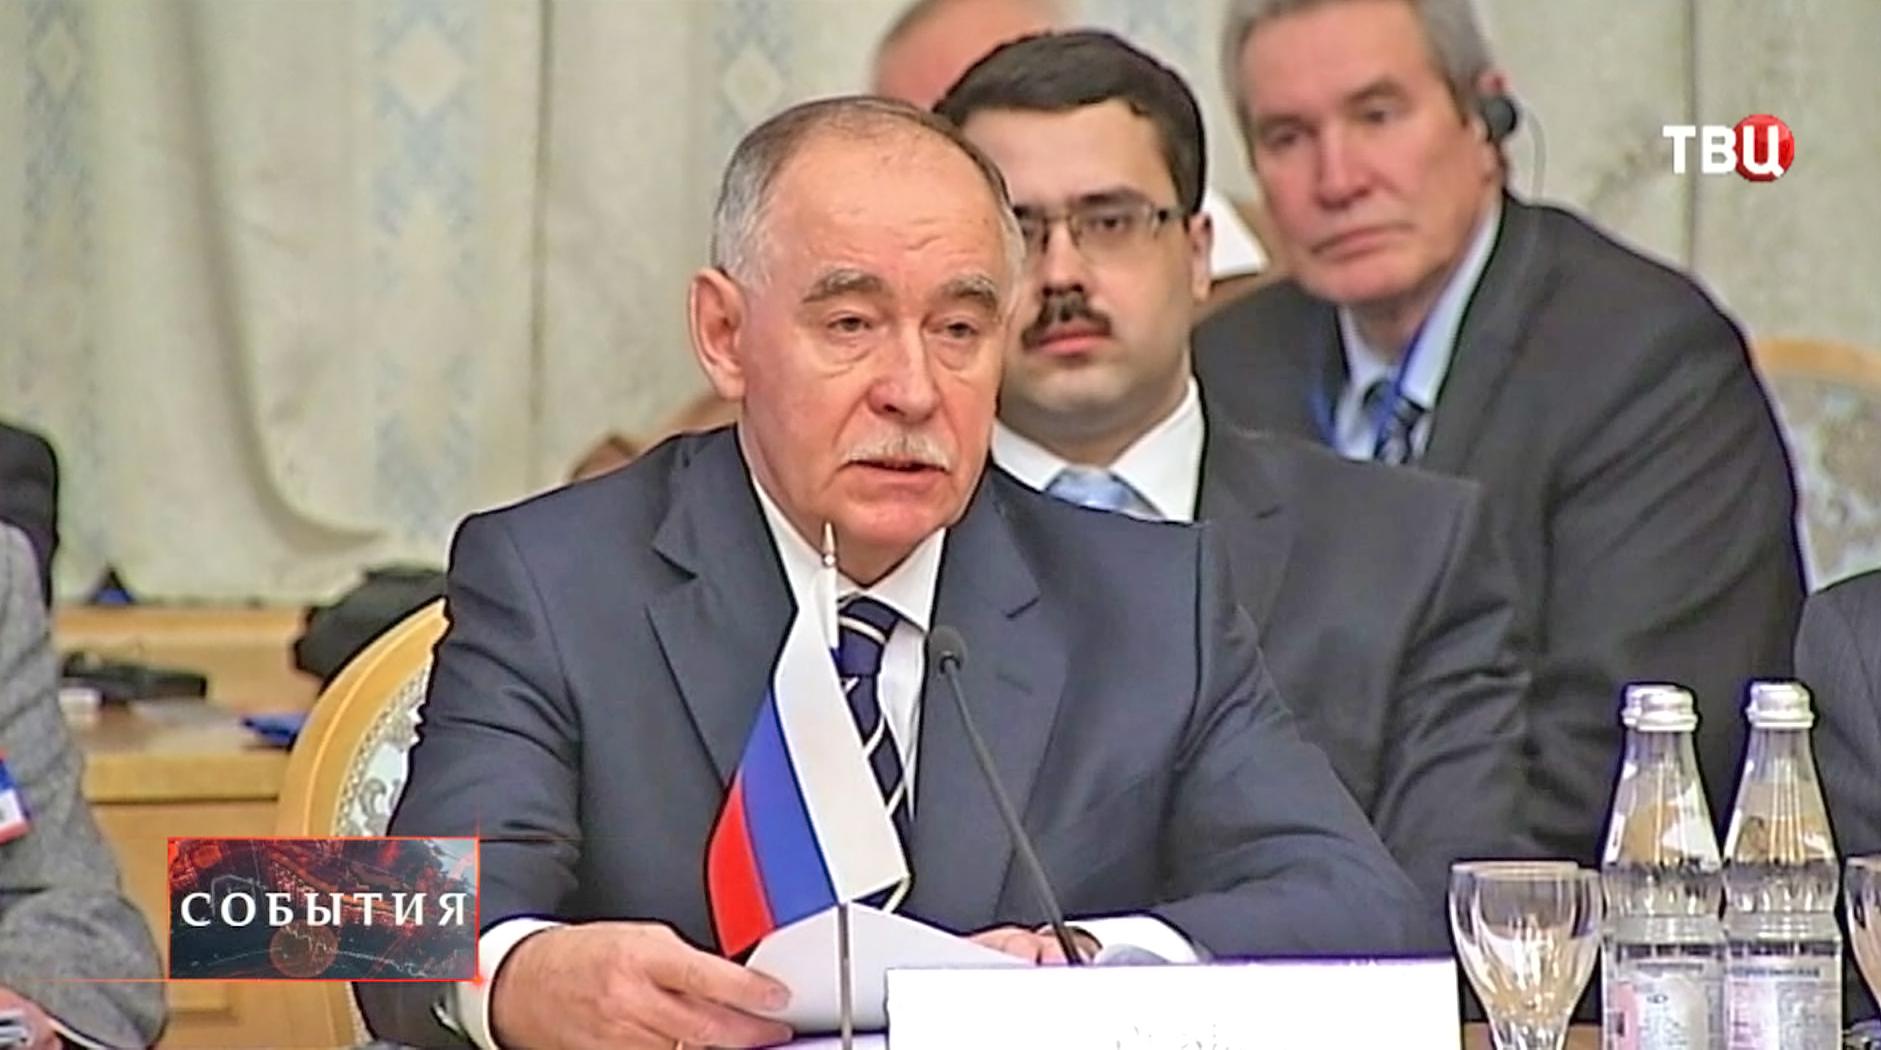 Виктор Иванов, директор Федеральной службы РФ